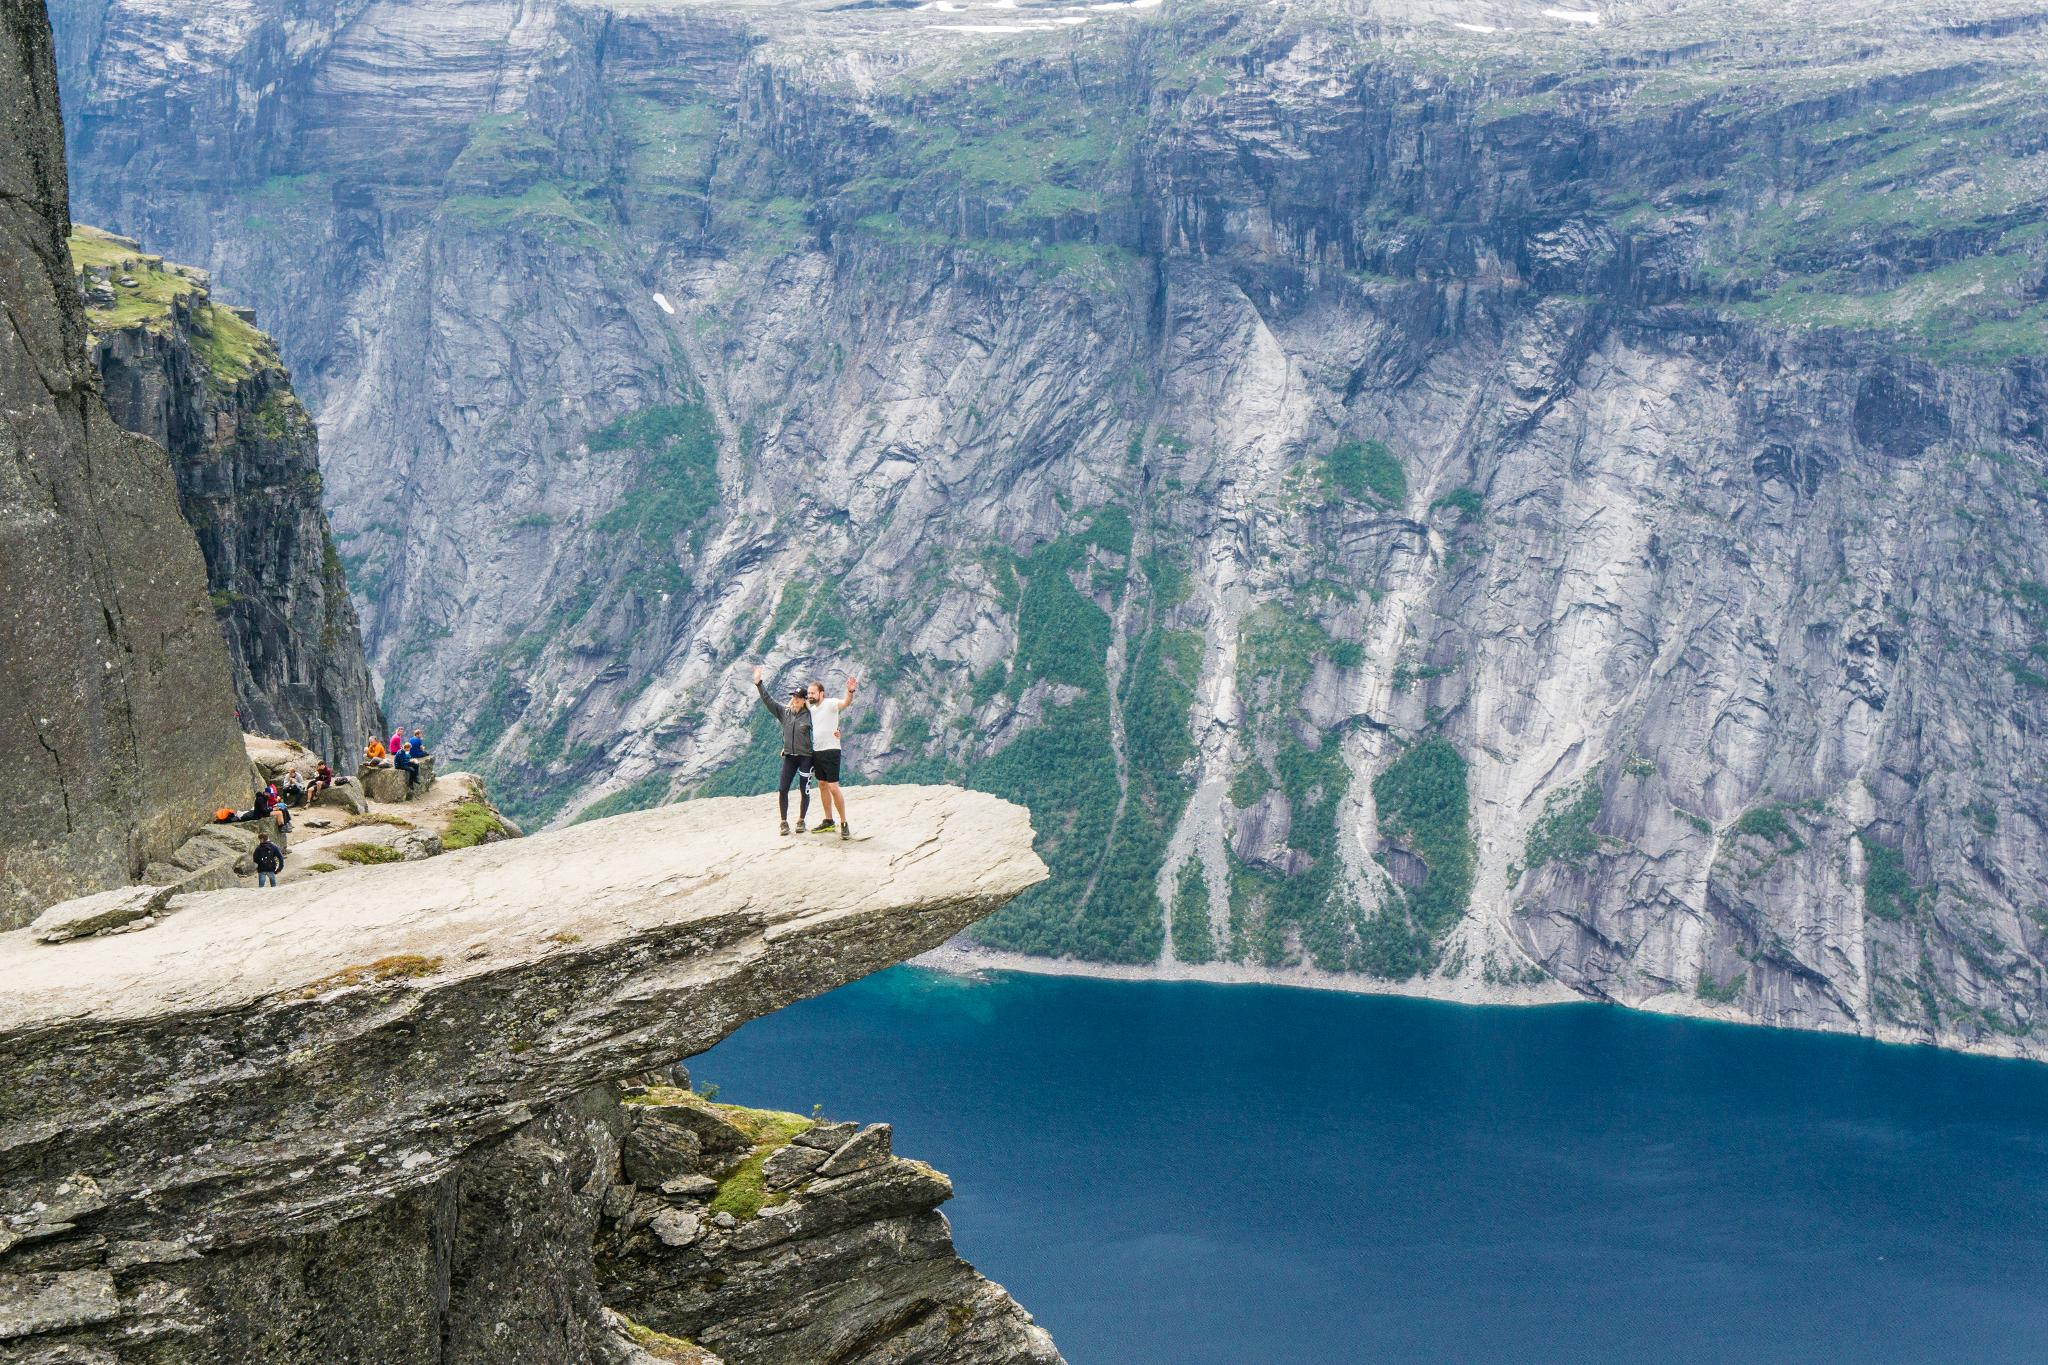 【北歐景點】挪威惡魔之舌 Trolltunga — 28公里健行挑戰全攻略 222